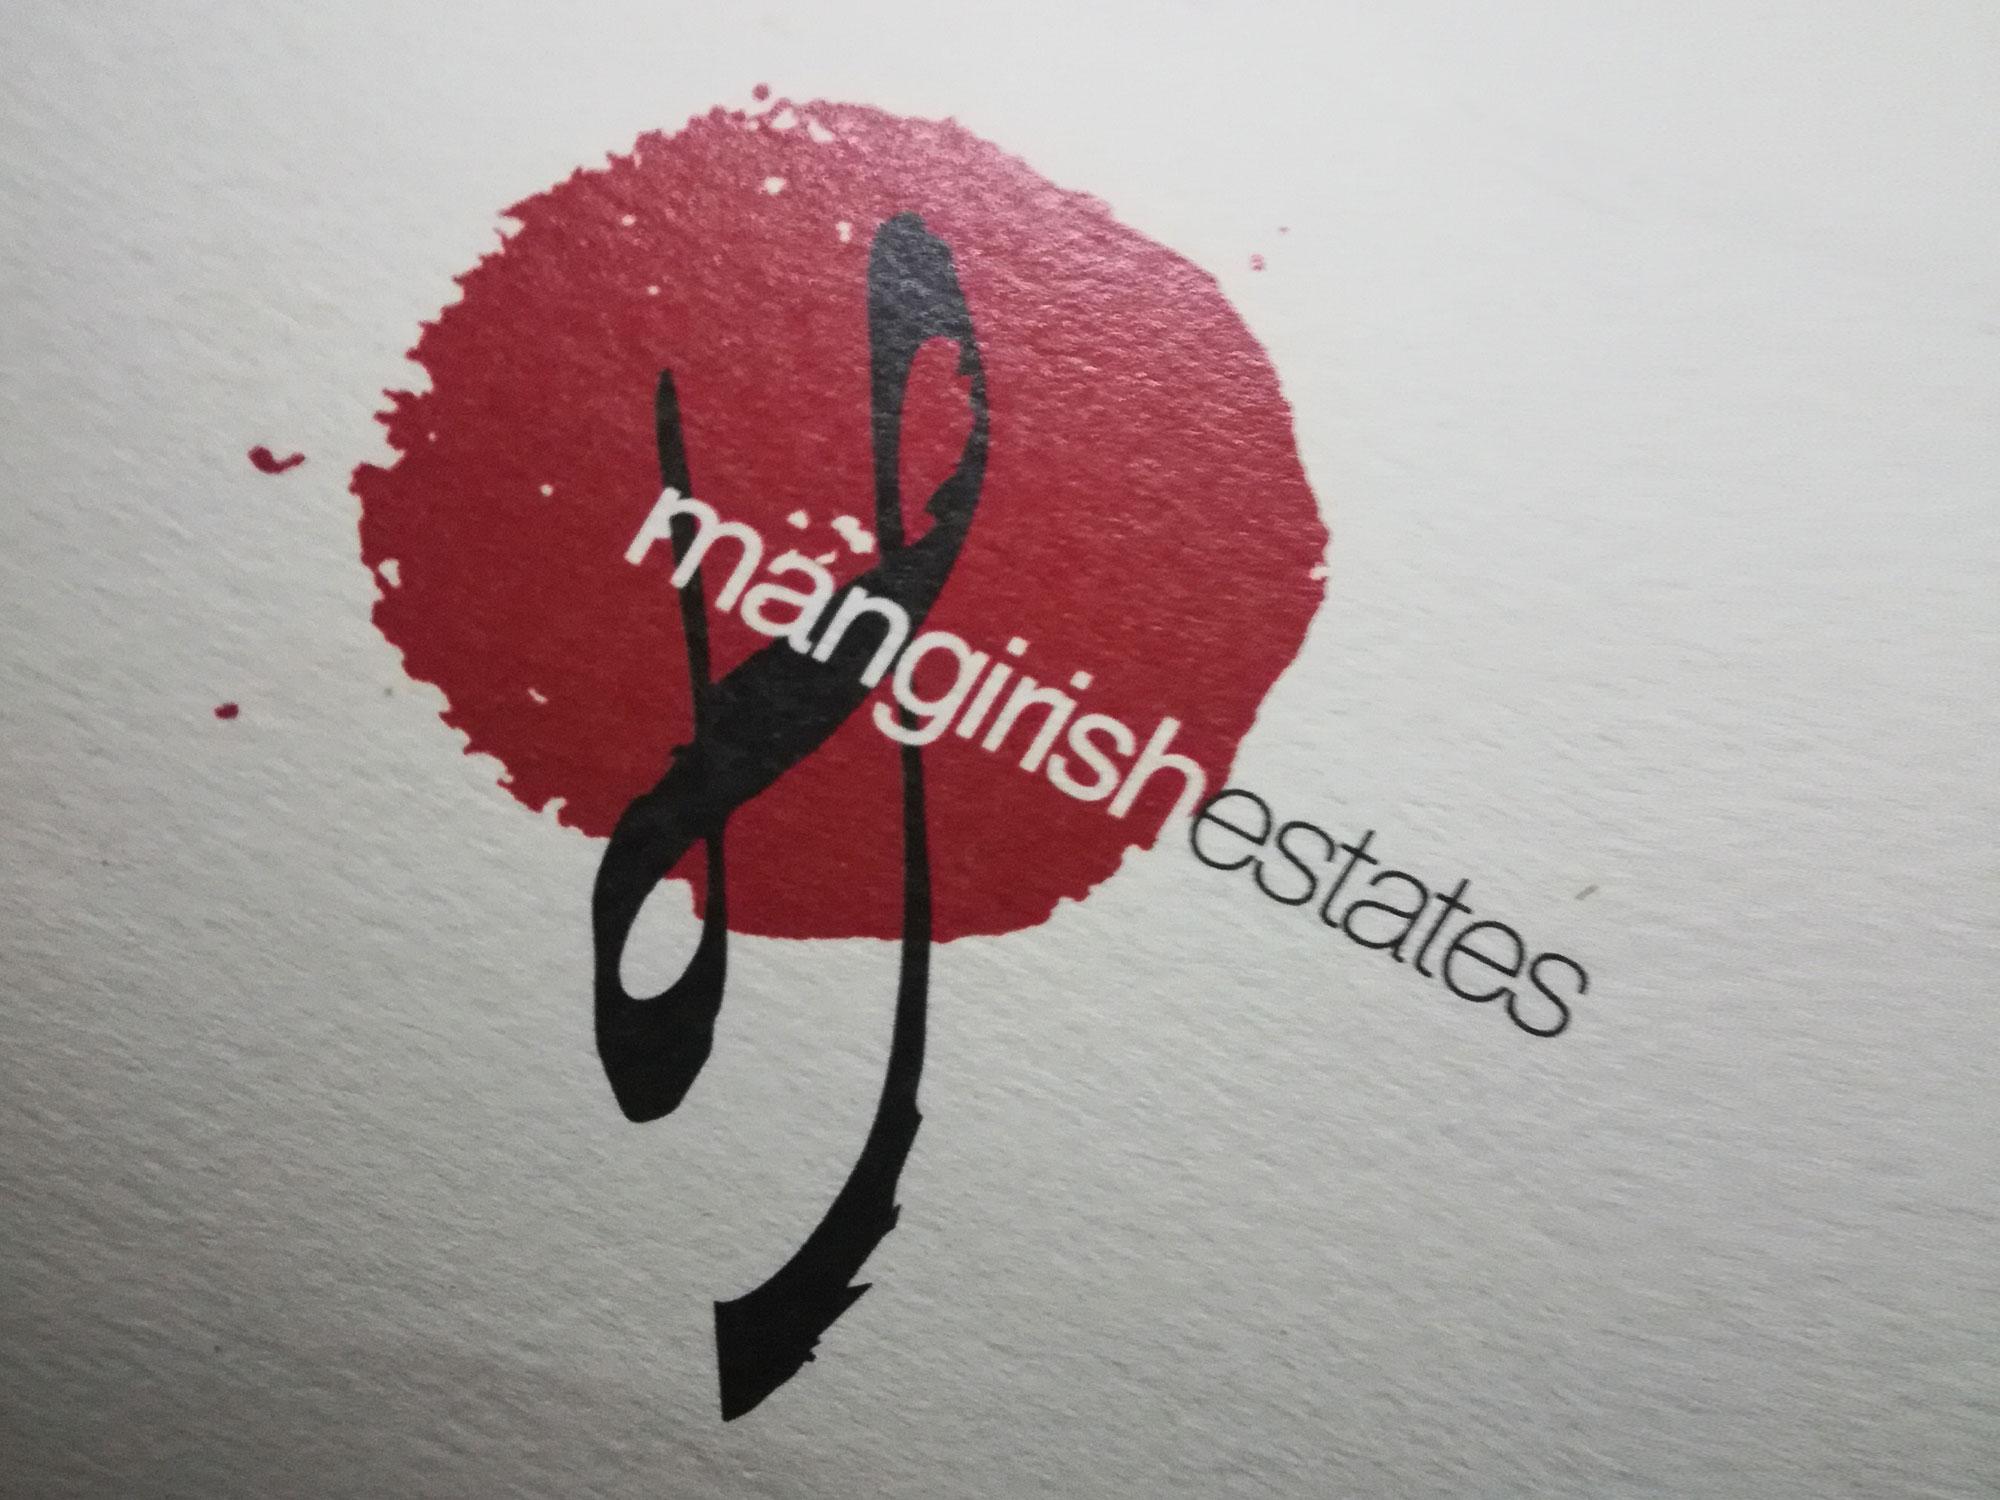 Mangirish01